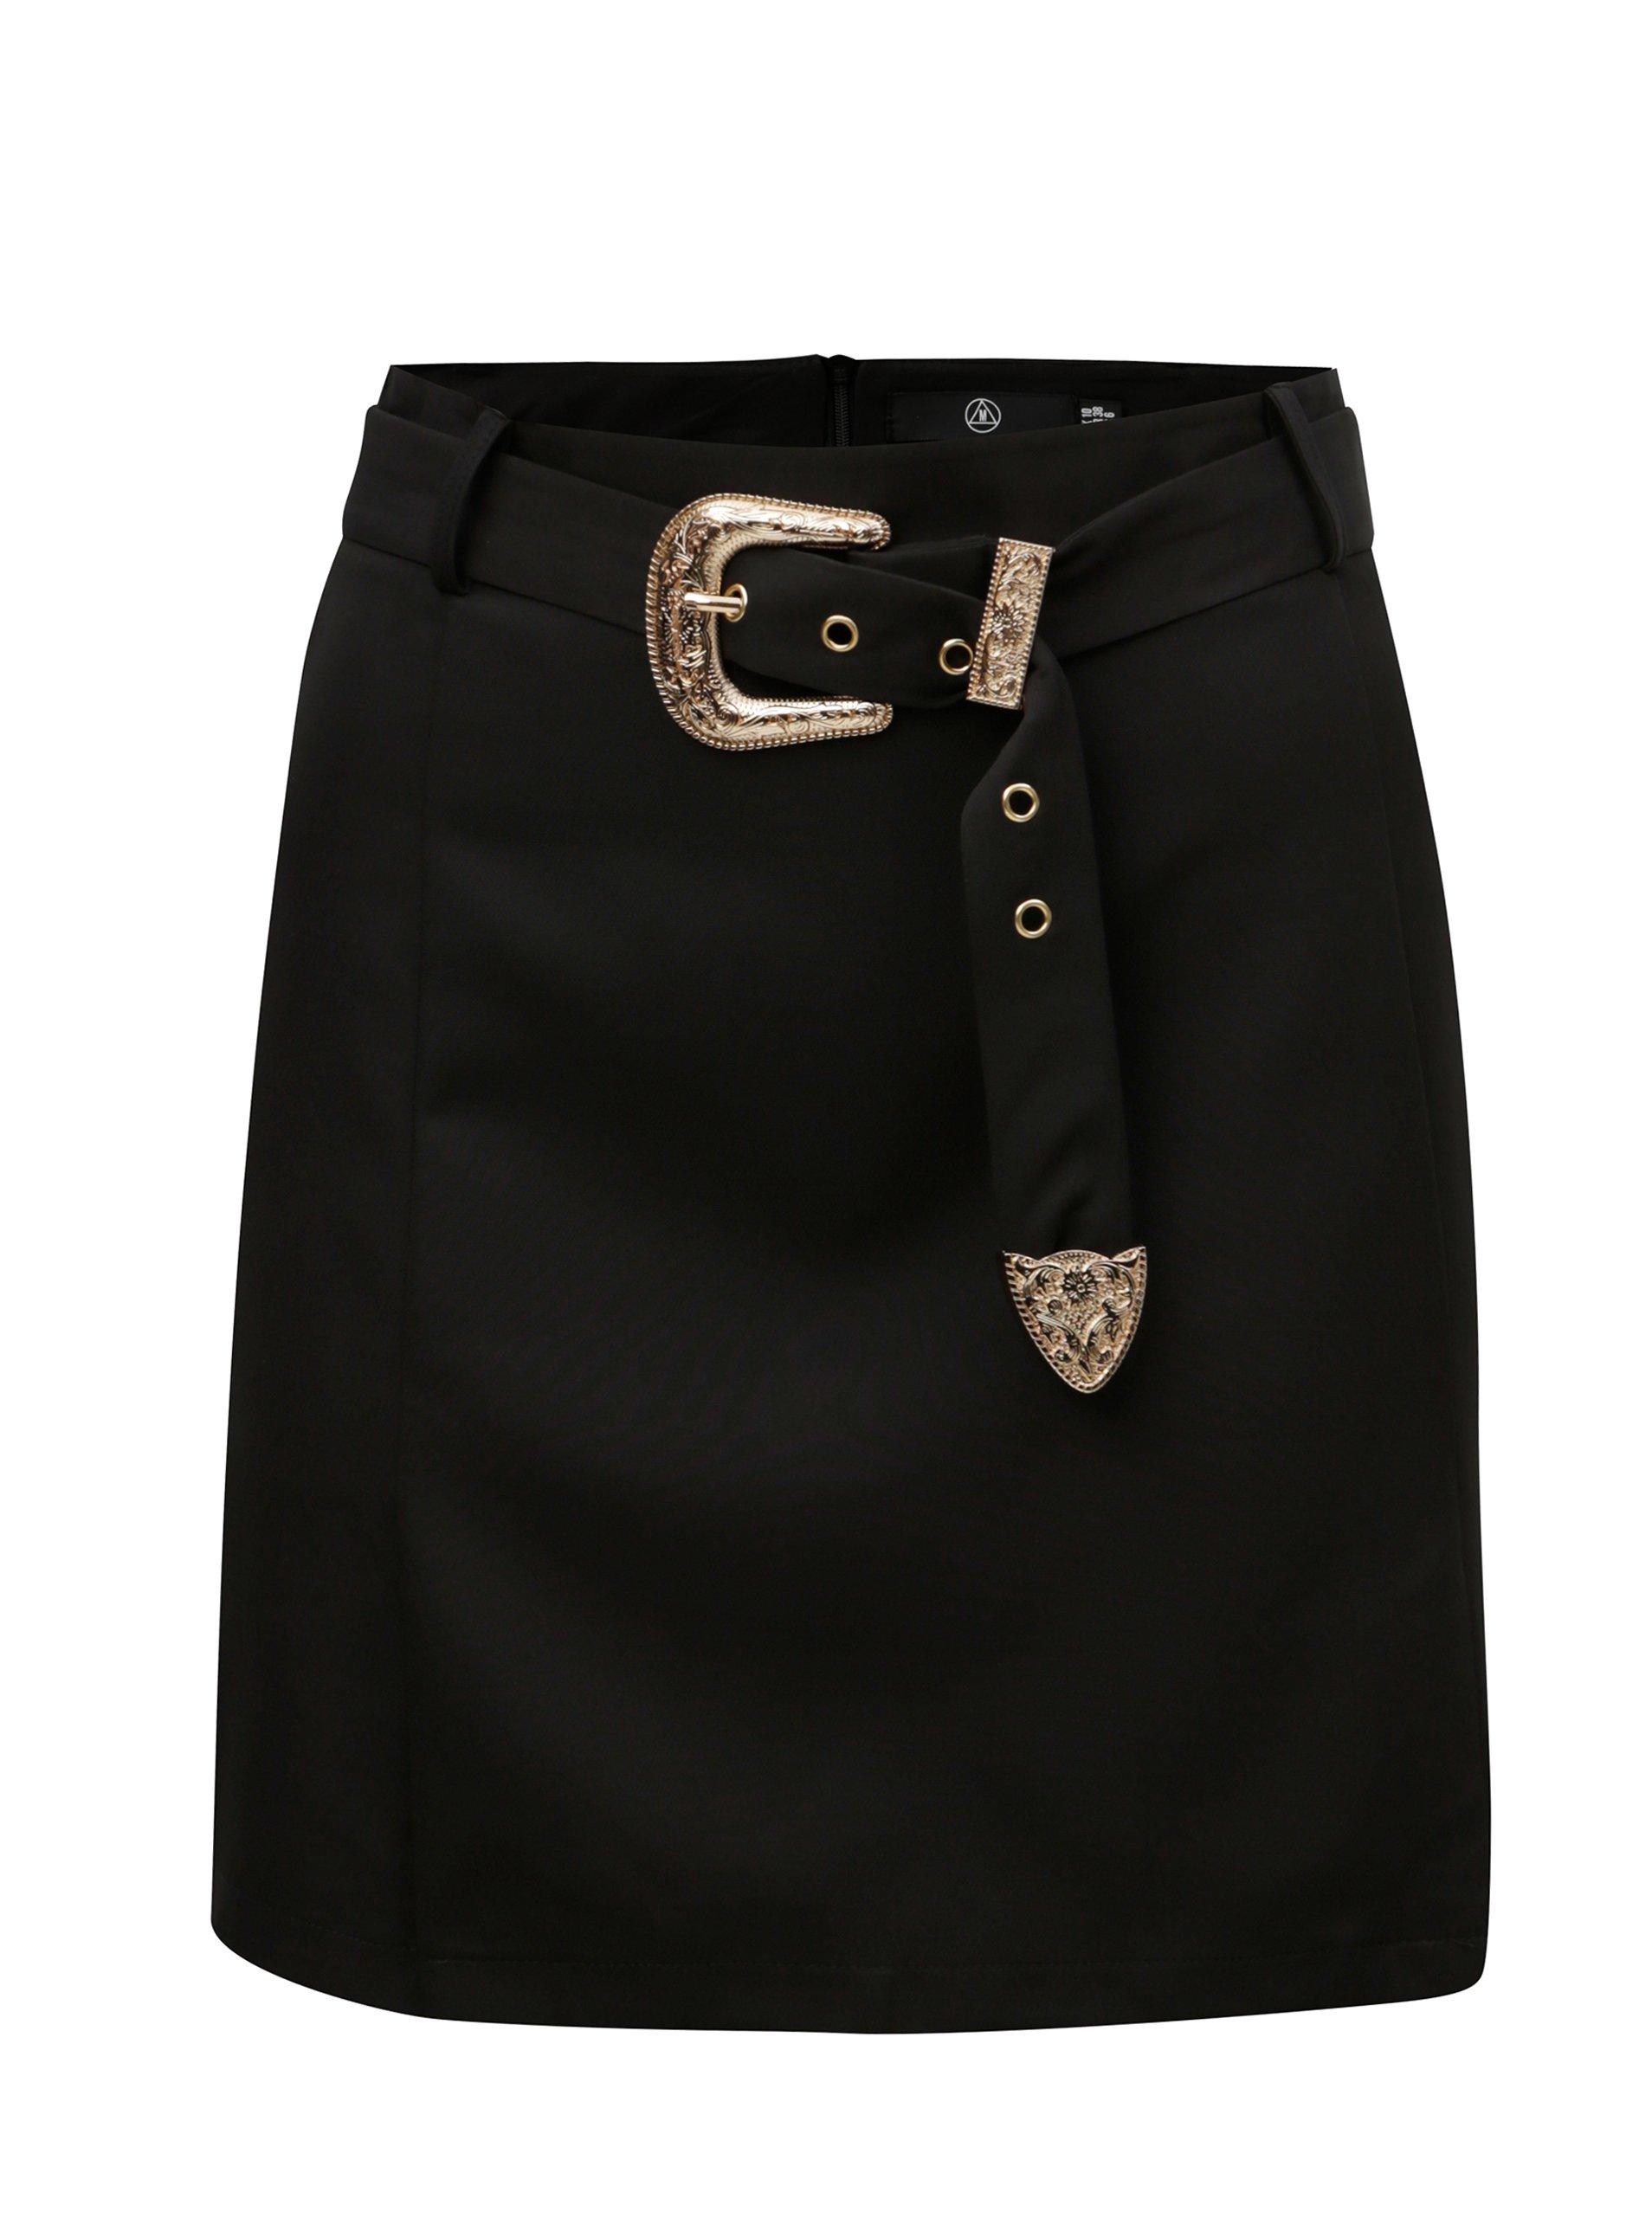 Černá sukně s páskem a detaily ve zlaté barvě MISSGUIDED